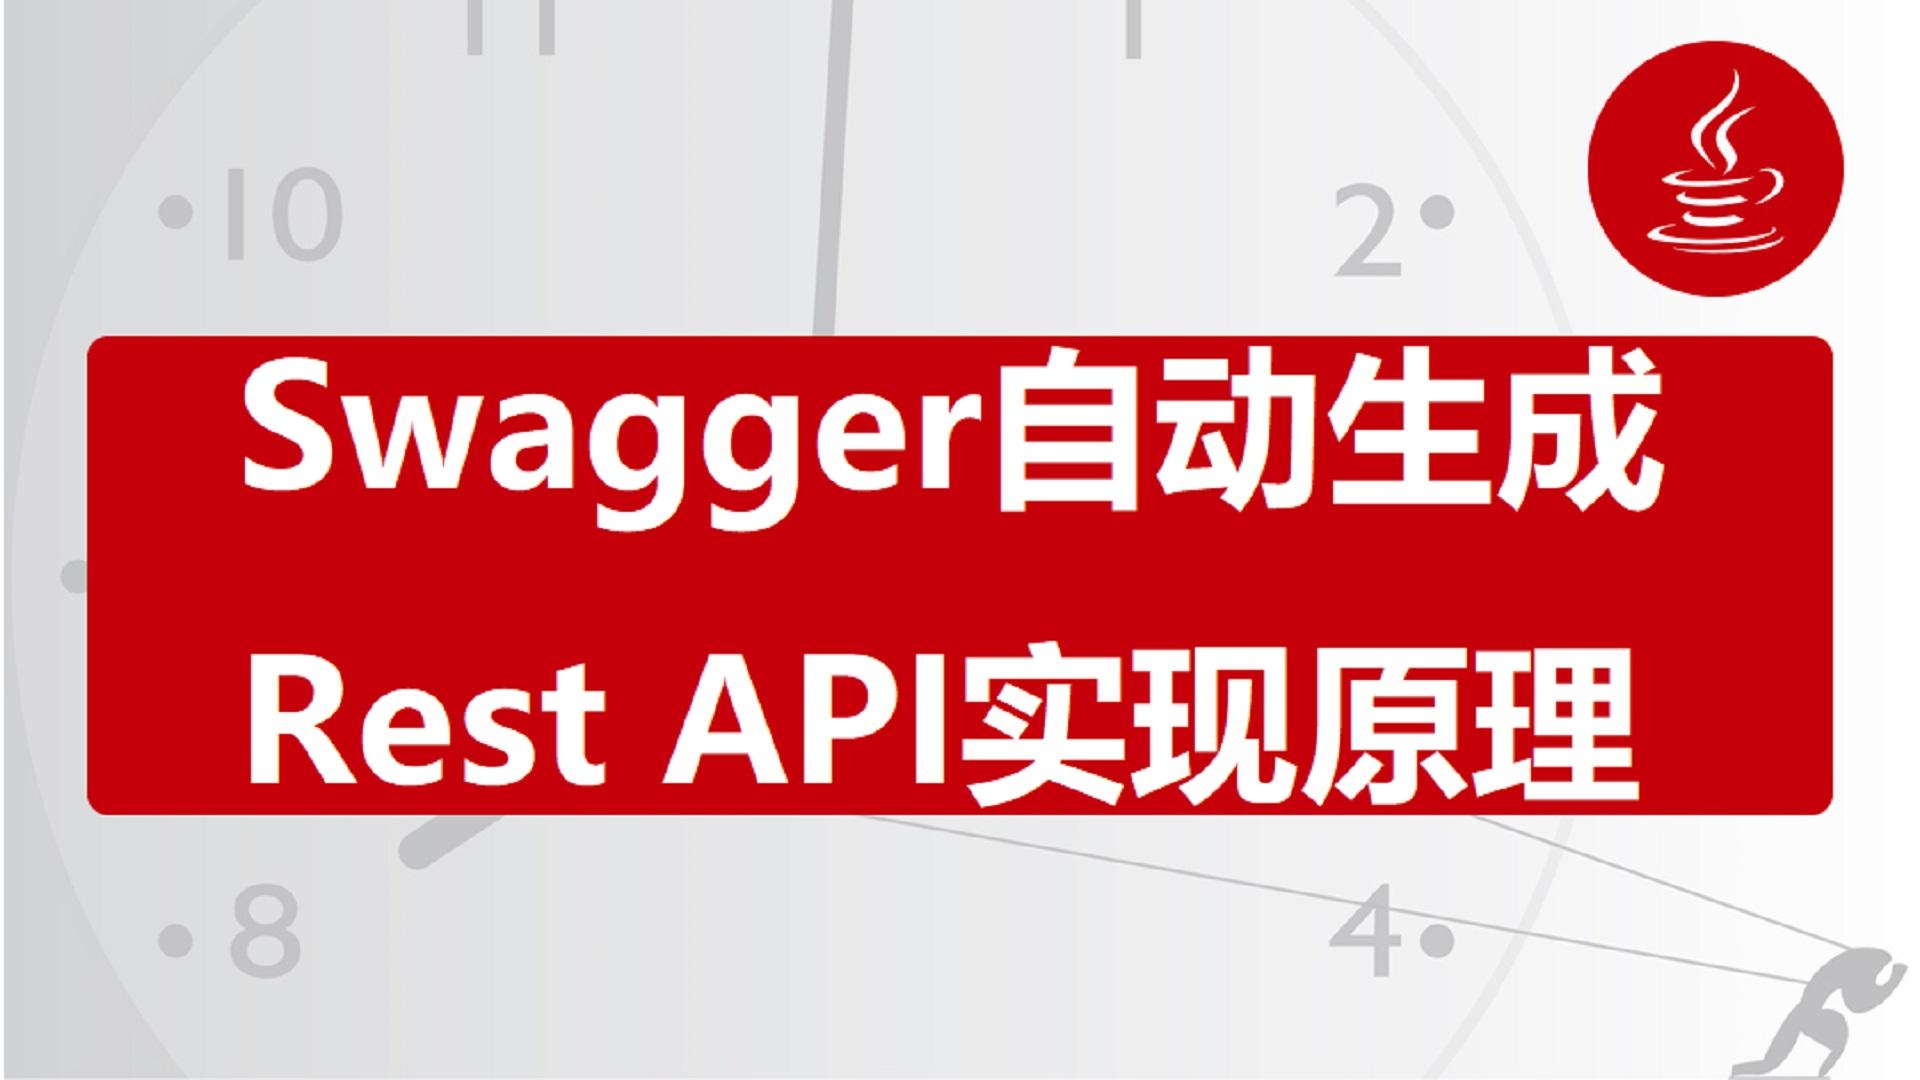 Swagger自动生成Rest API架构师进阶java开发程序员培训编程培训